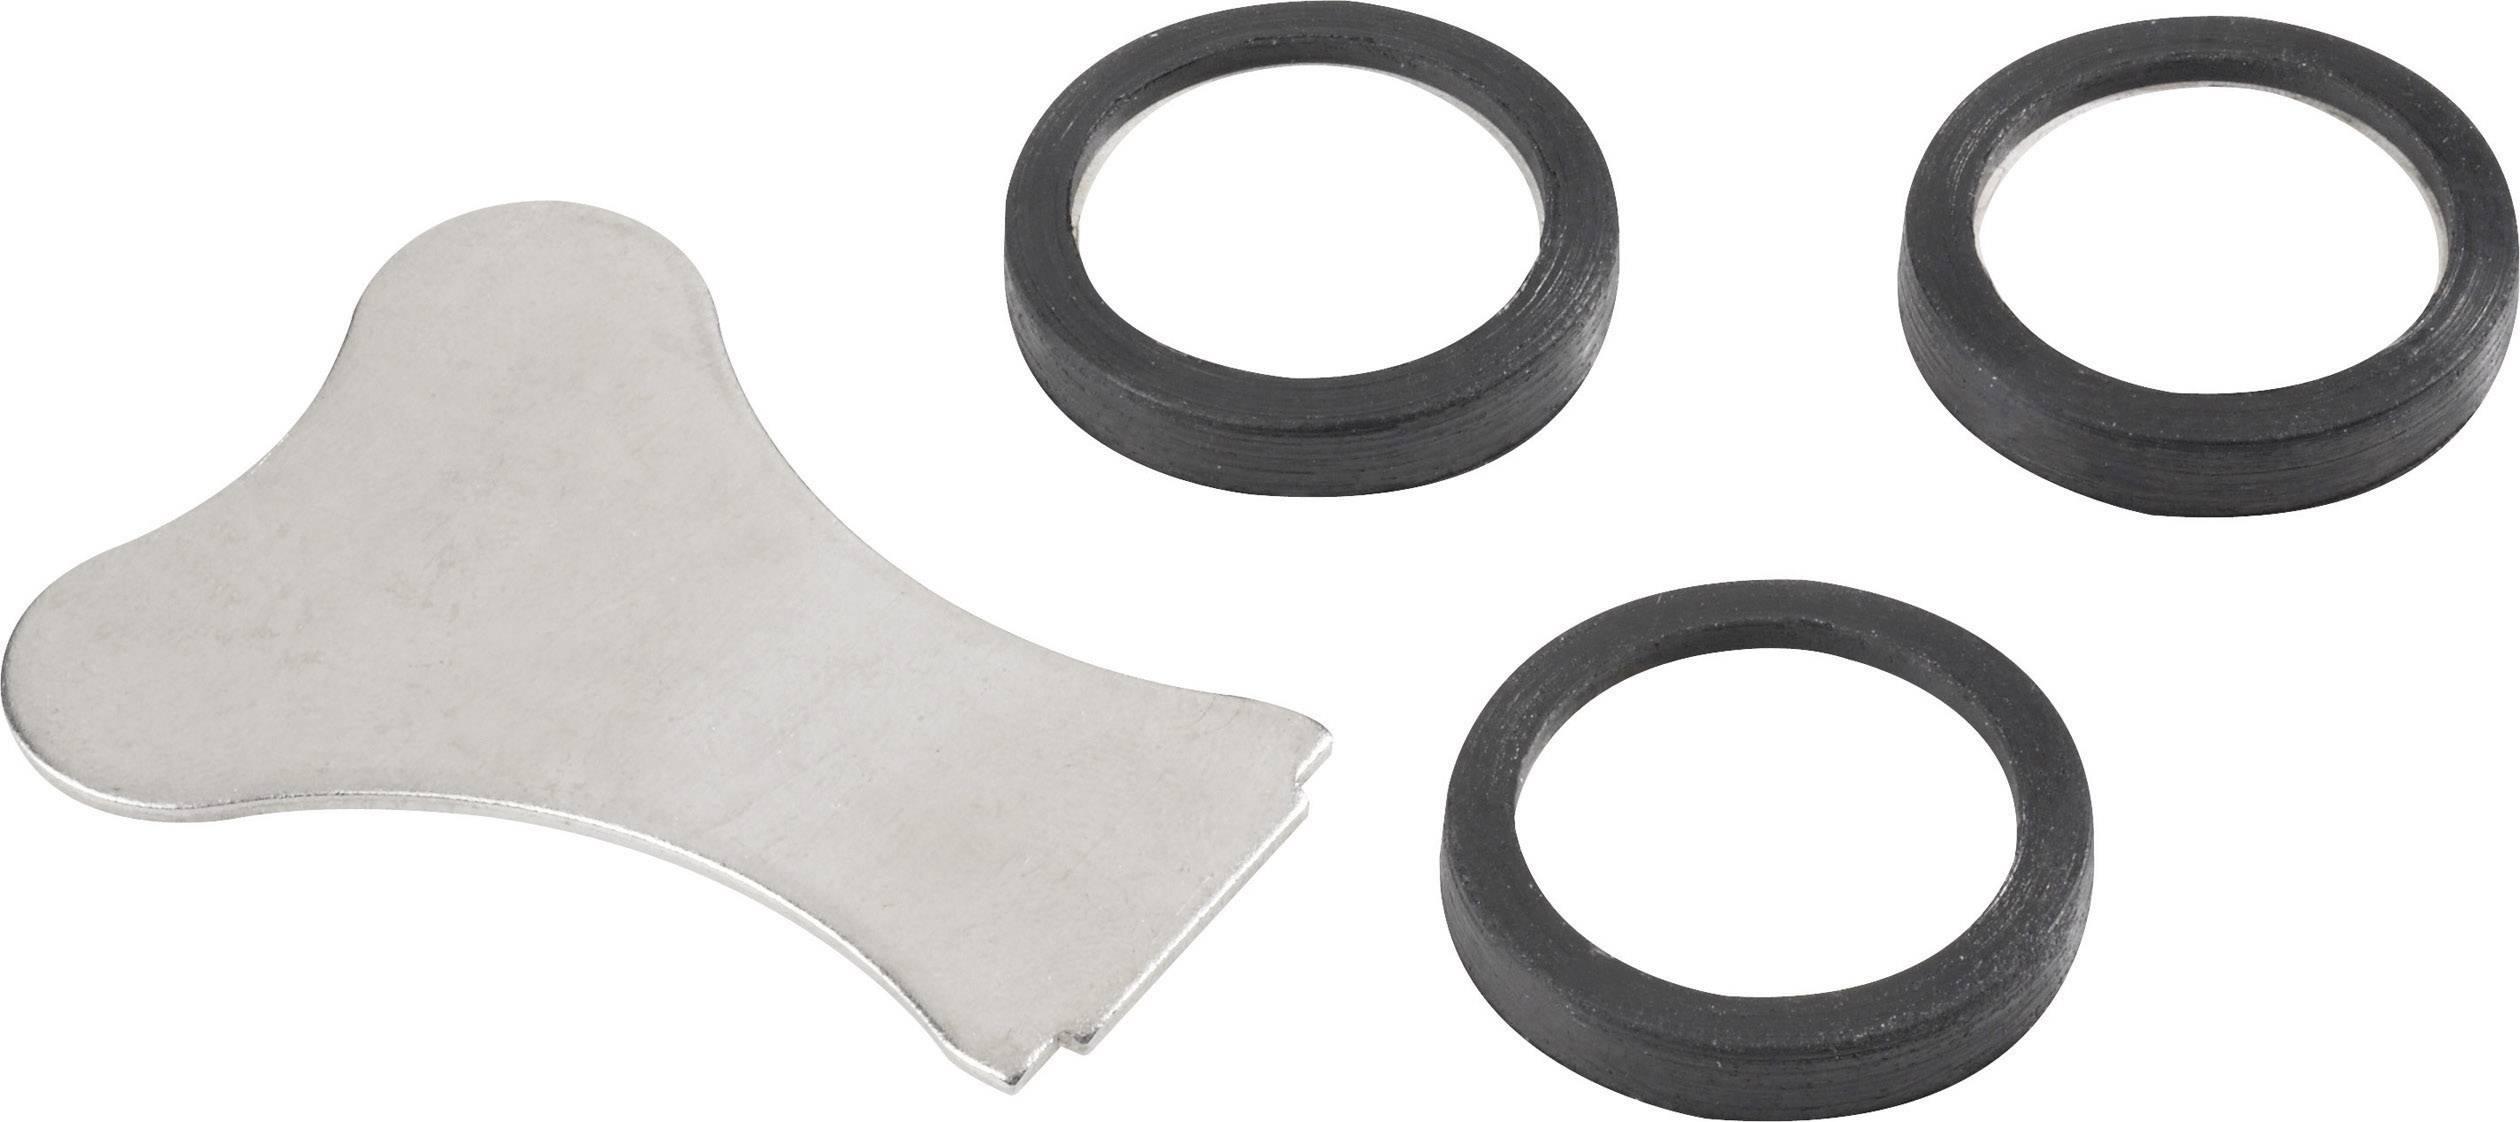 Sada 3 ks náhradných membrán (20 mm s kľúčom) na 550768